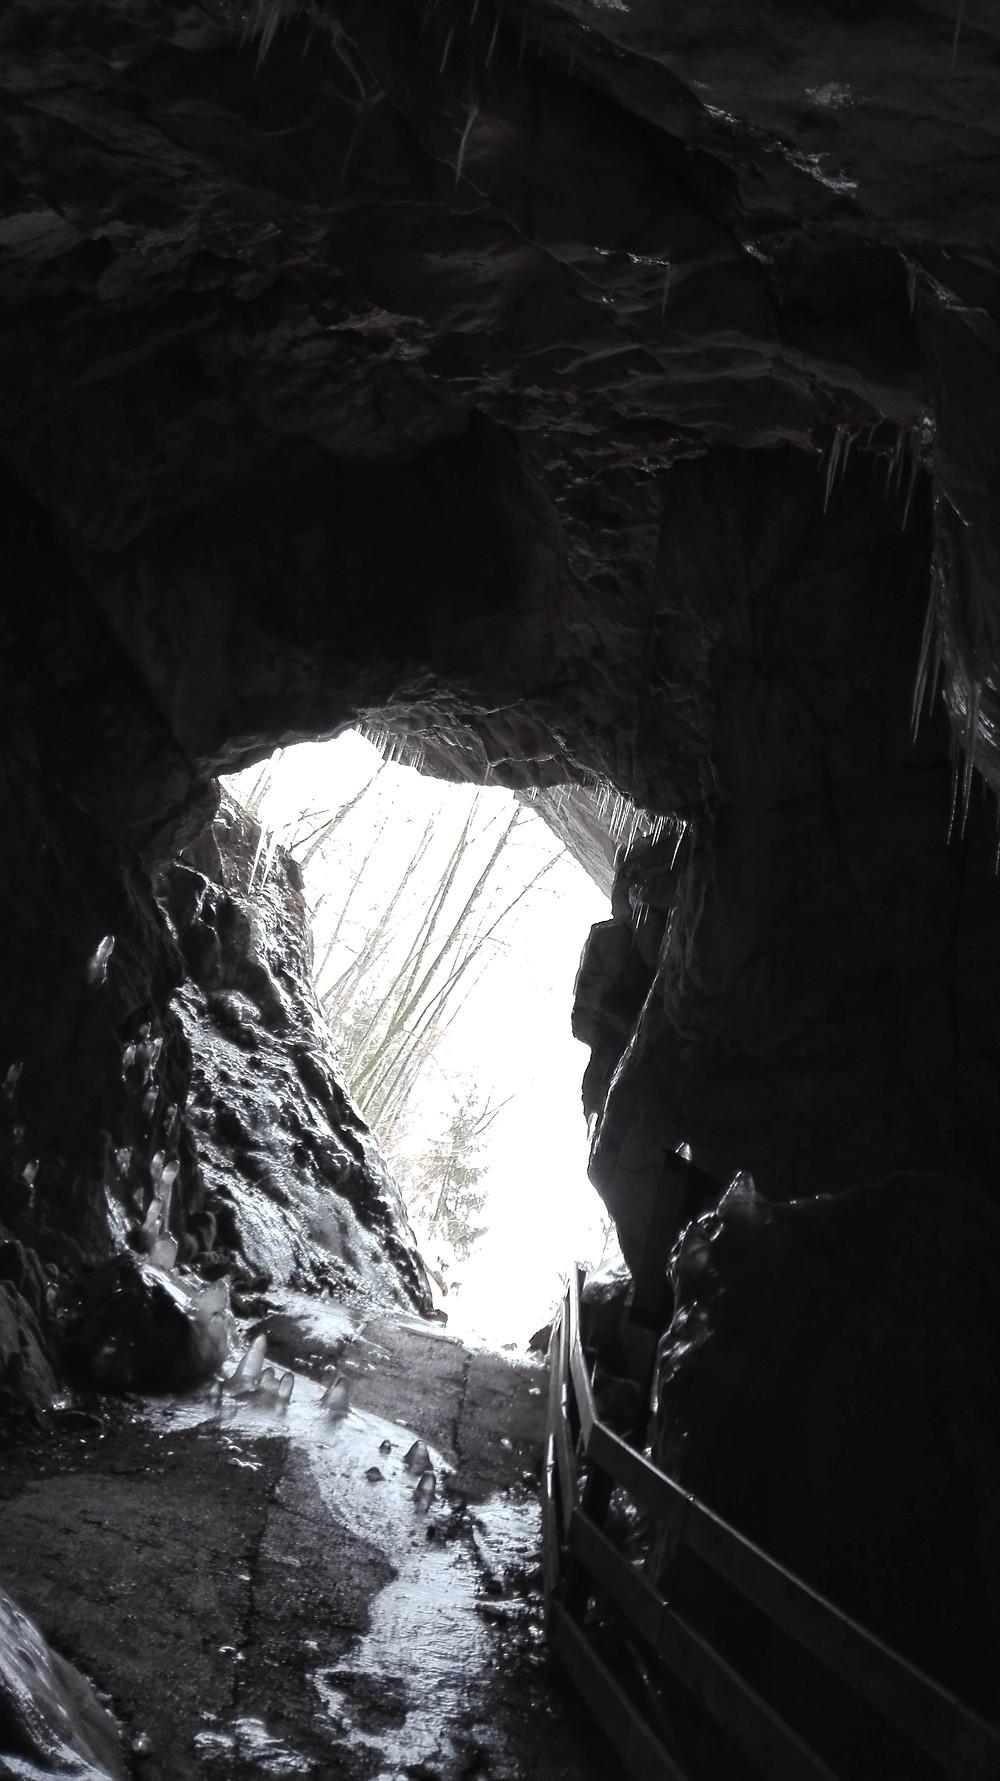 Έξοδος σπηλαίου